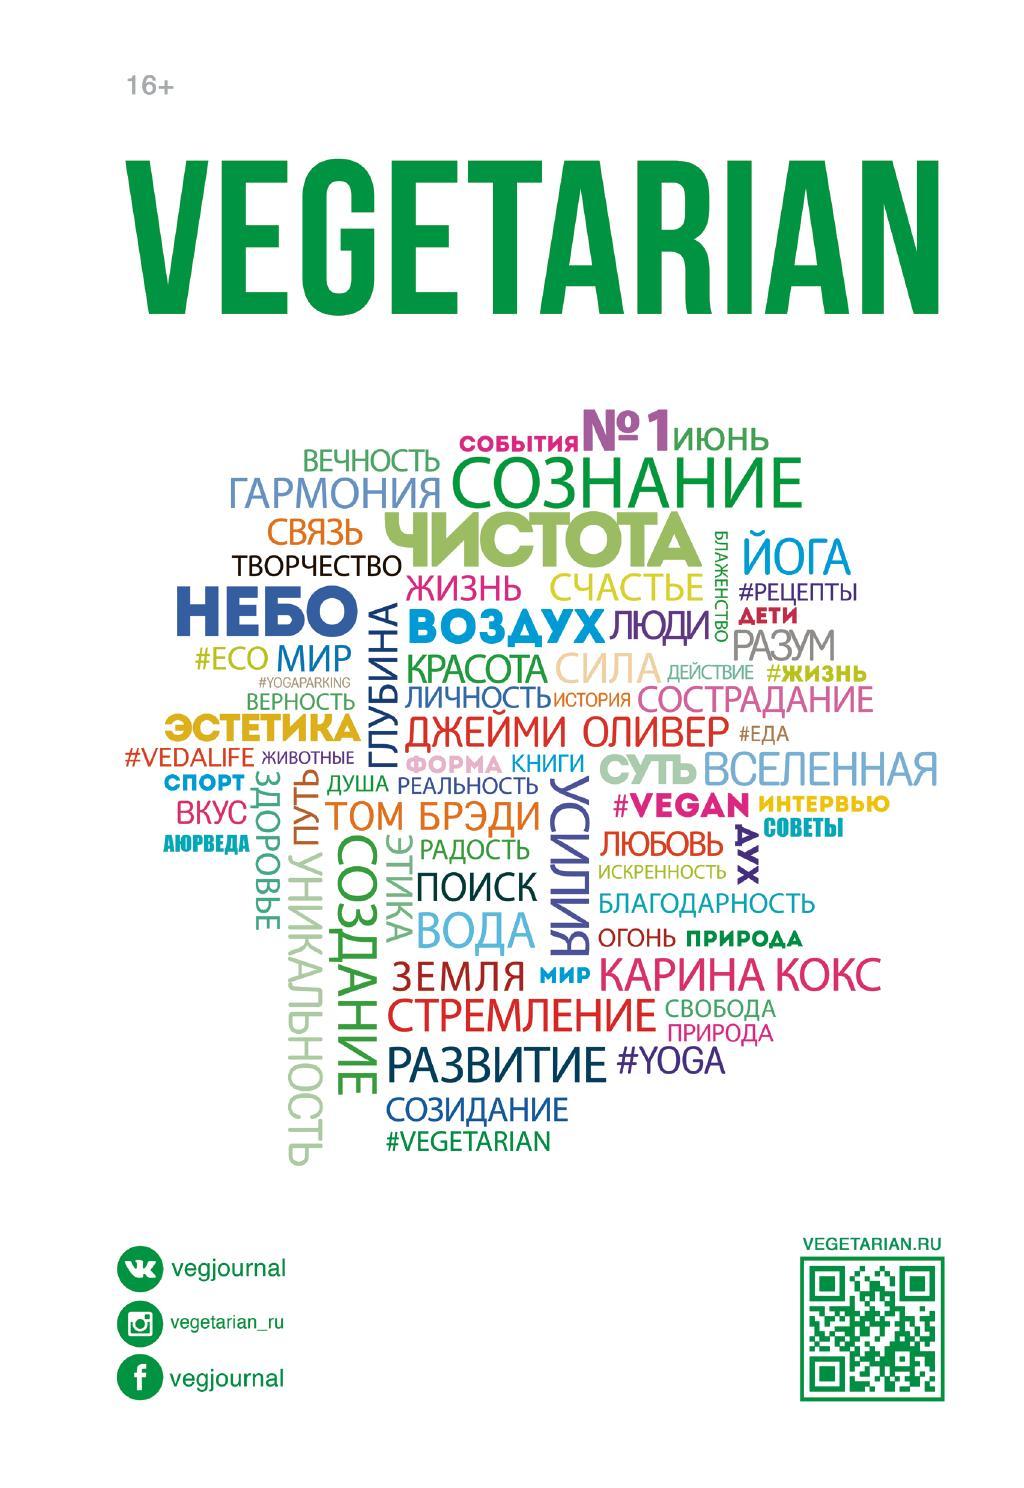 Плюсы и минусы вегетарианства, его польза и вред, Волшебная